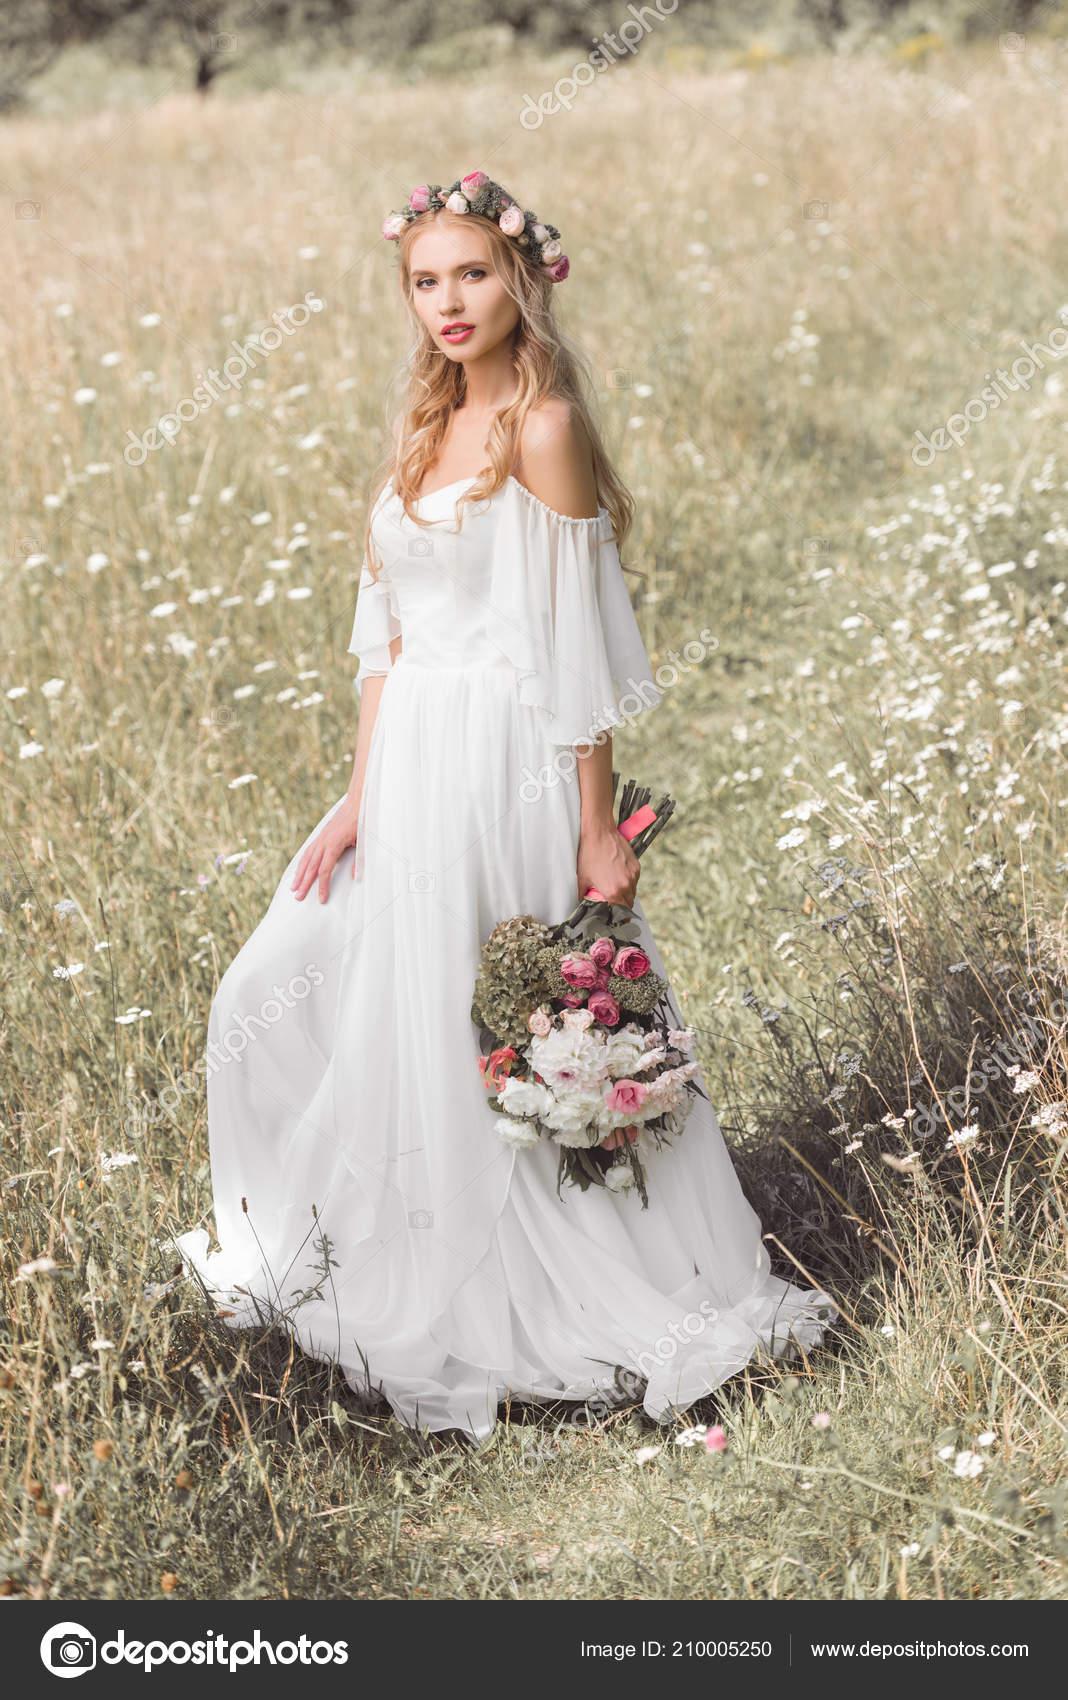 Belle Jeune Mariee Robe Mariee Couronne Florale Tenant Bouquet